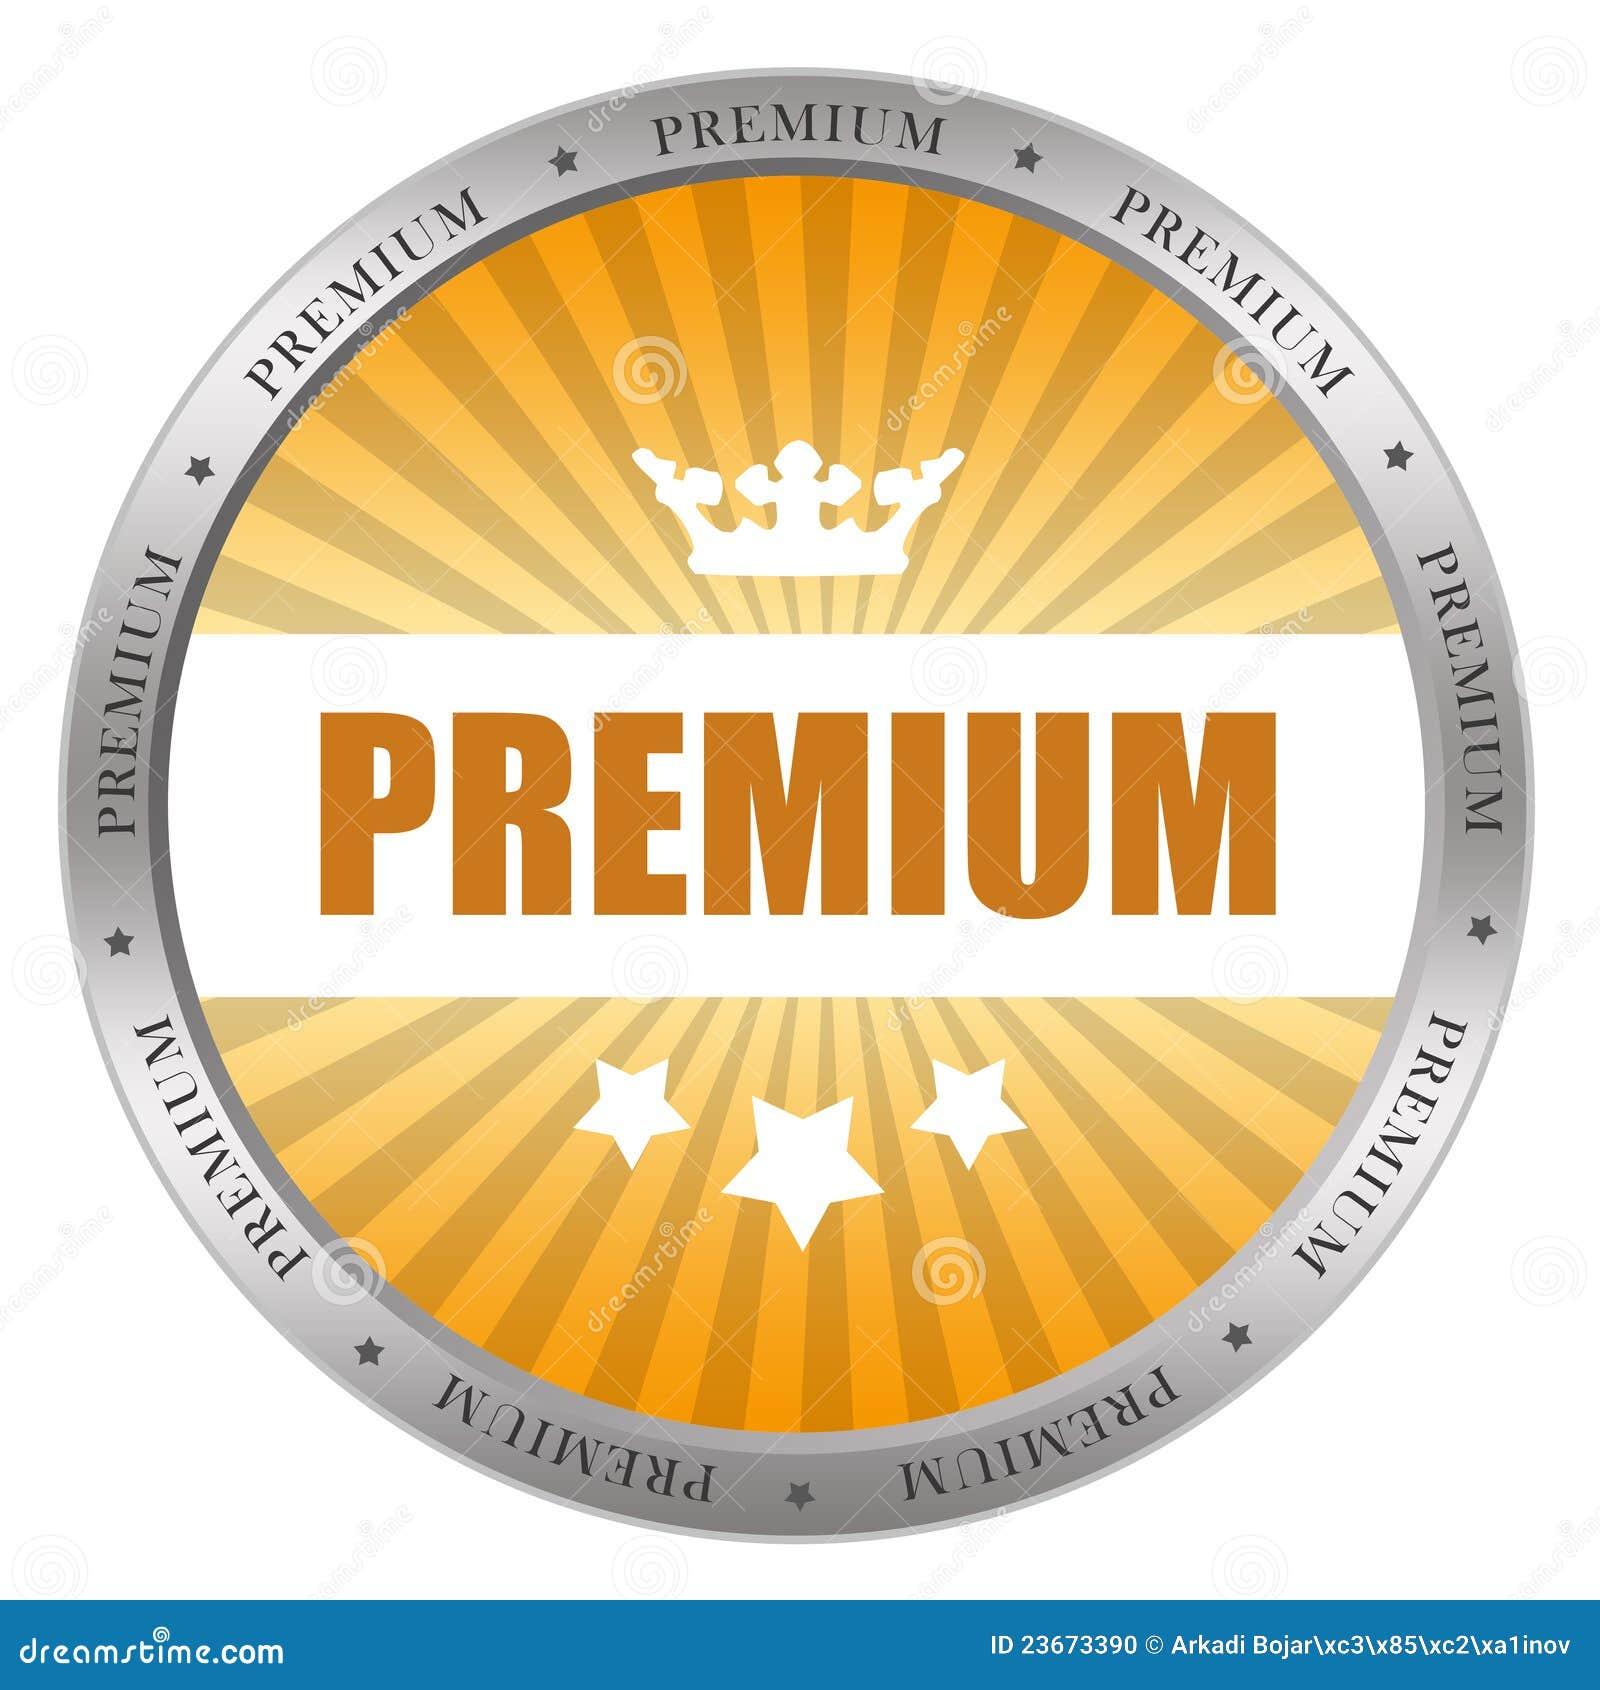 Premium Icon Stock Pho...